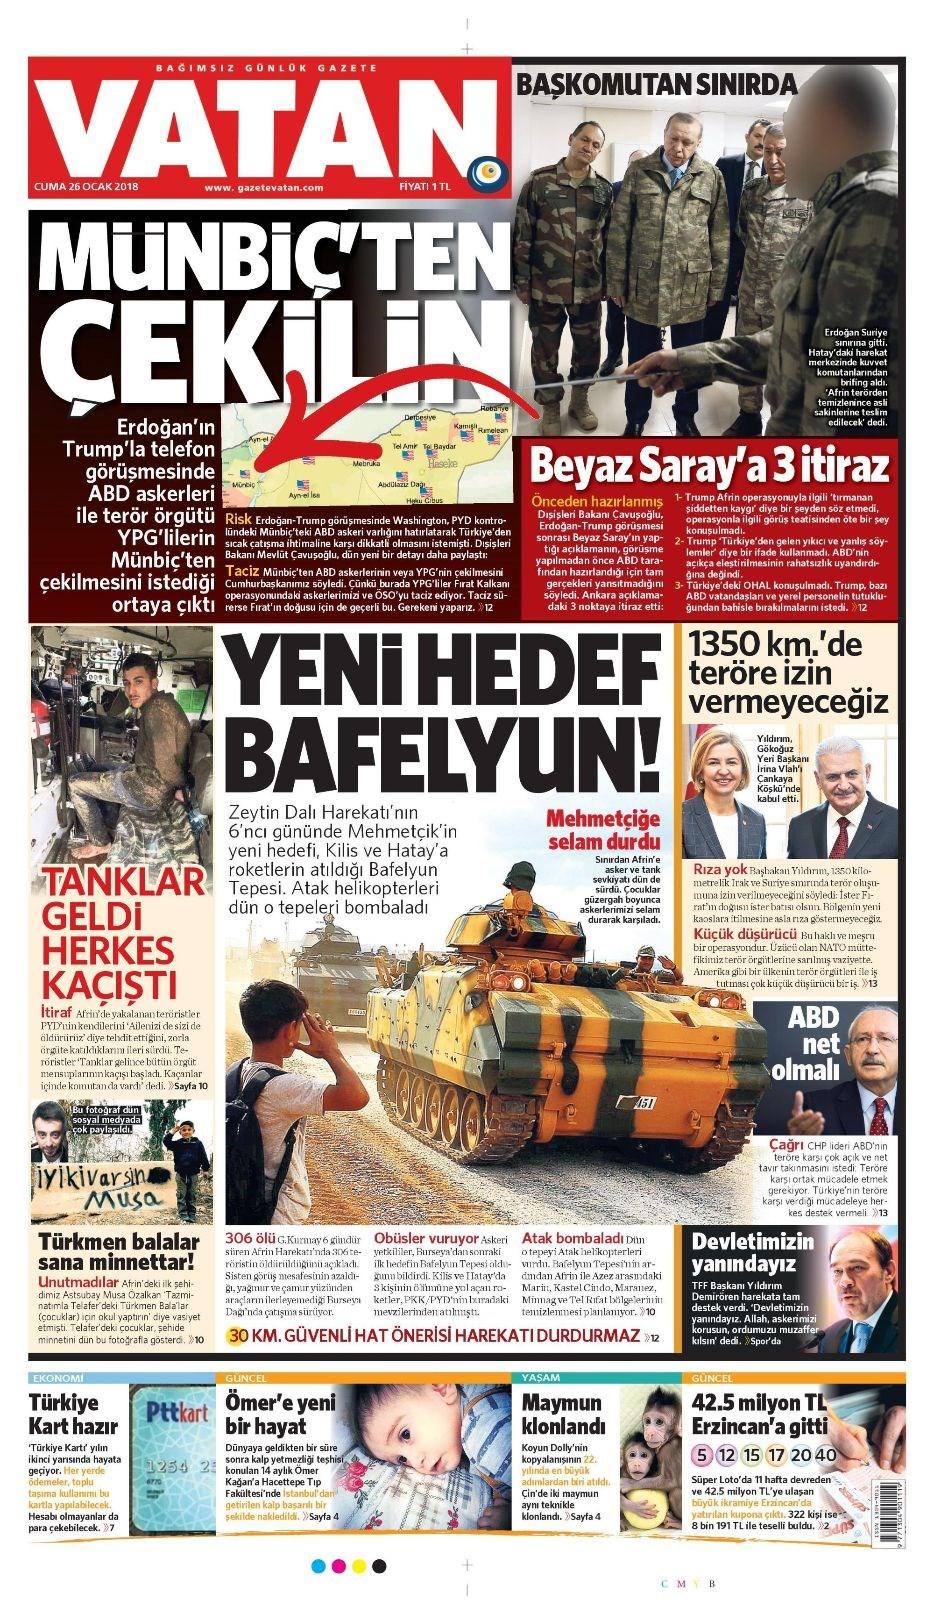 Tuğba Ekinciden Mehmetçike özel Afrin şarkısı